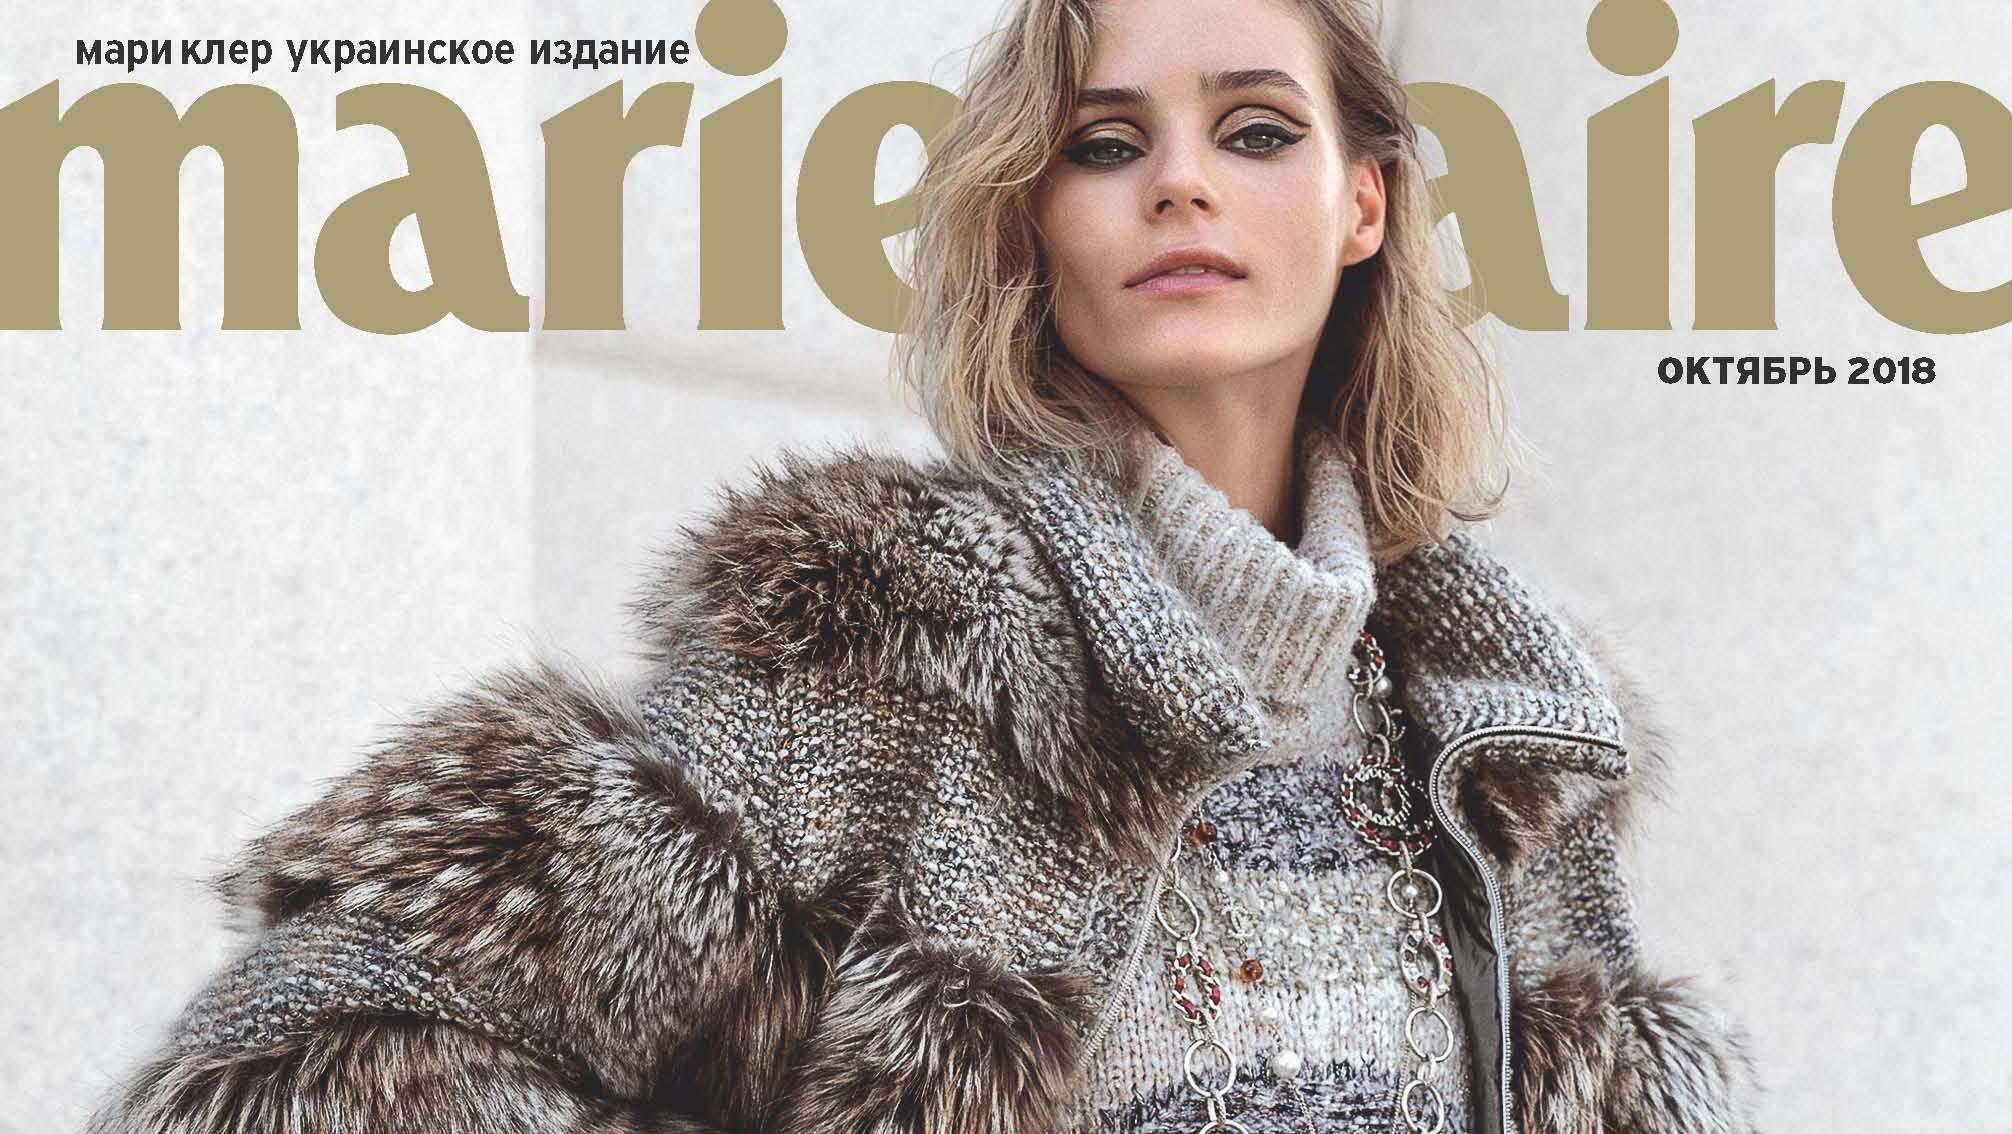 Украинская модель Жужу Иванюк на обложке уникального юбилейного номера Marie Claire-320x180